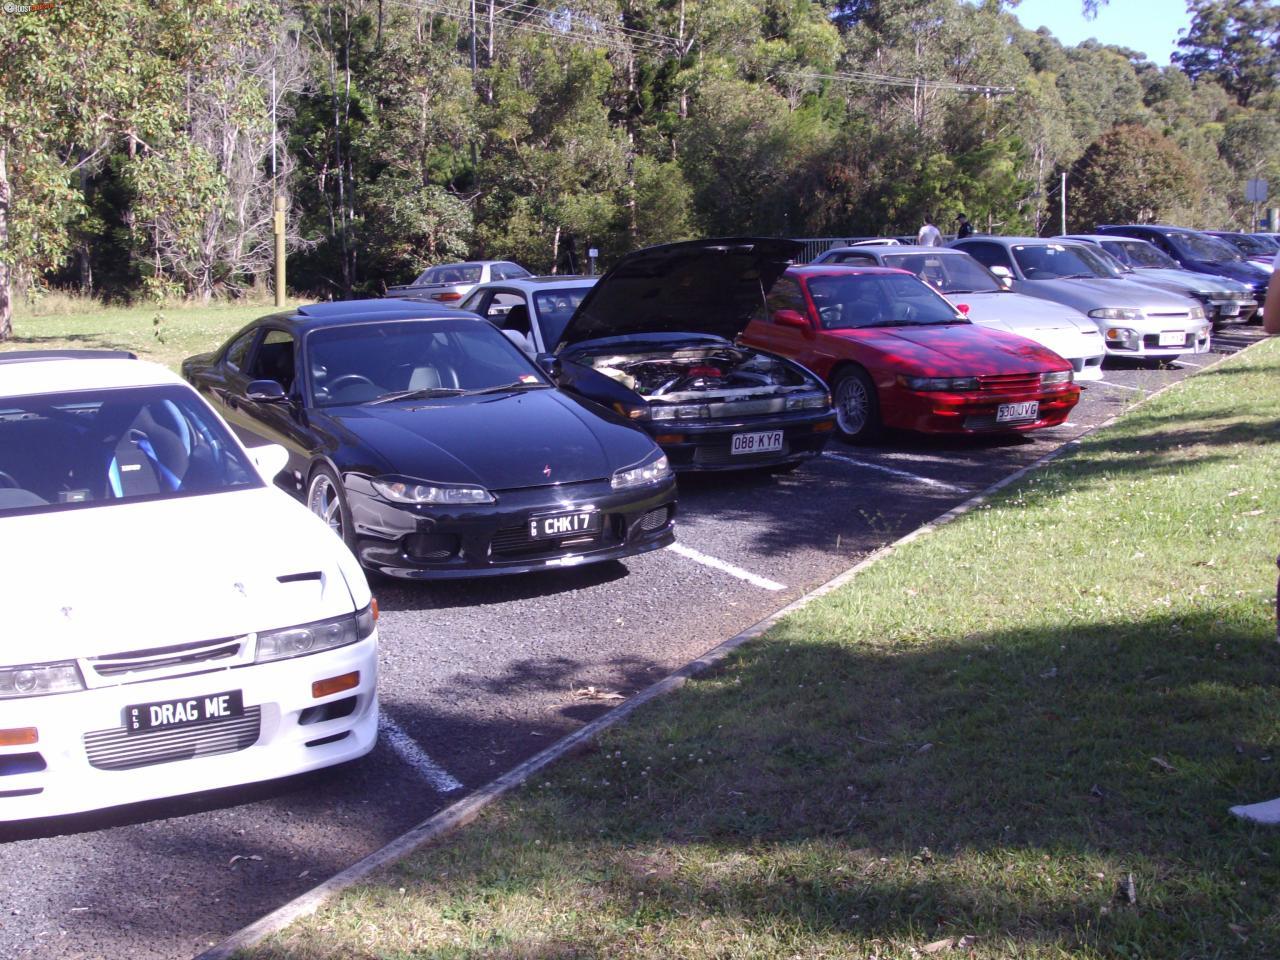 Street Cruise Cars Meets Clubs Tue Feb Envme - Car meets near me